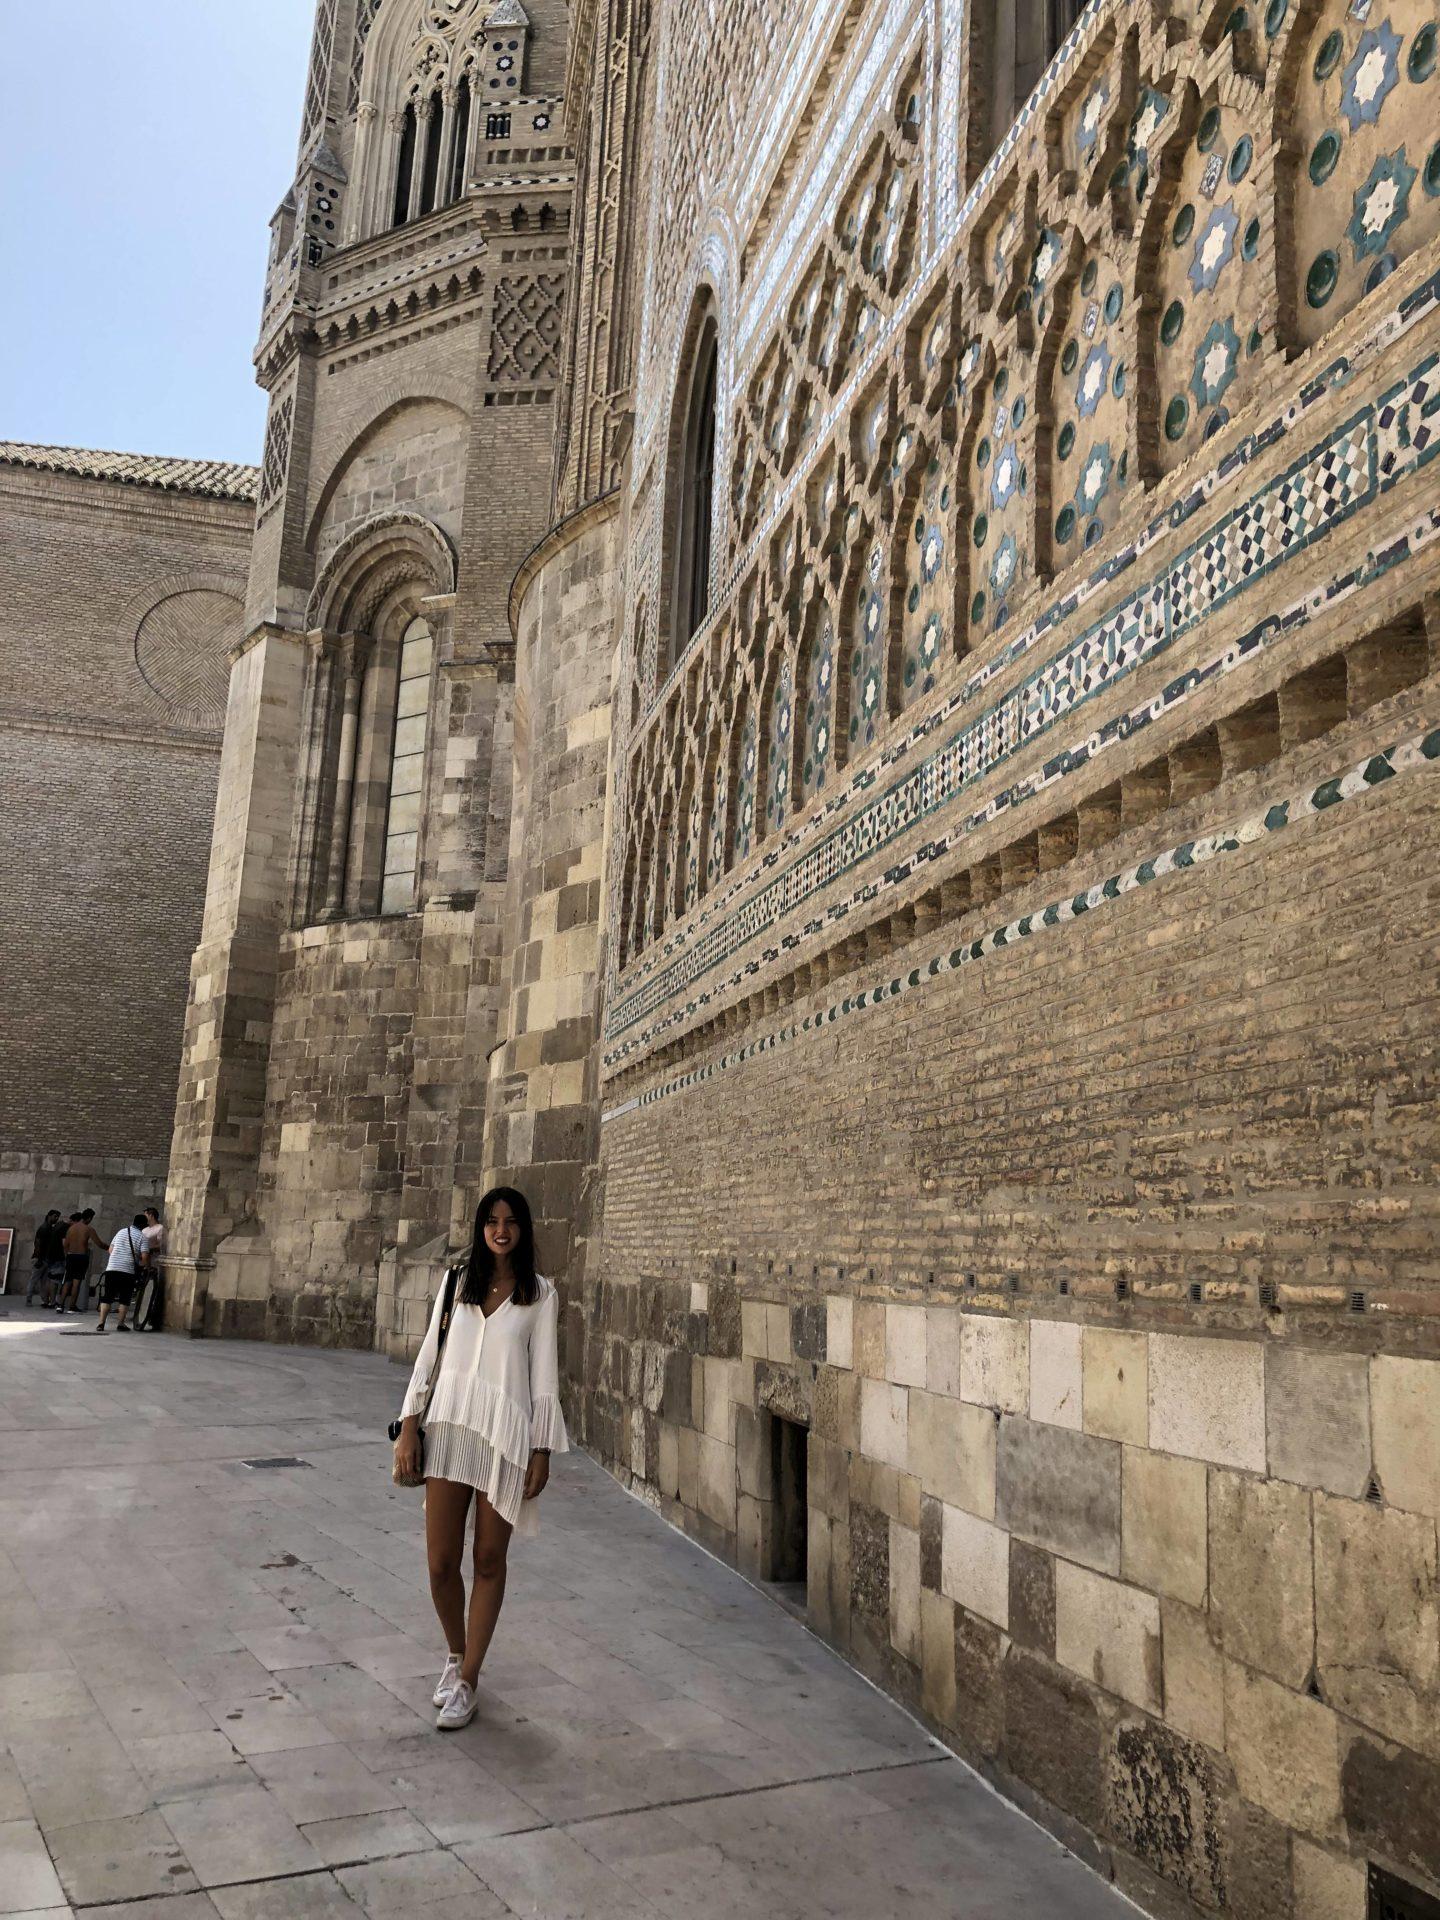 La Seo Zaragoza - La cadena viajera